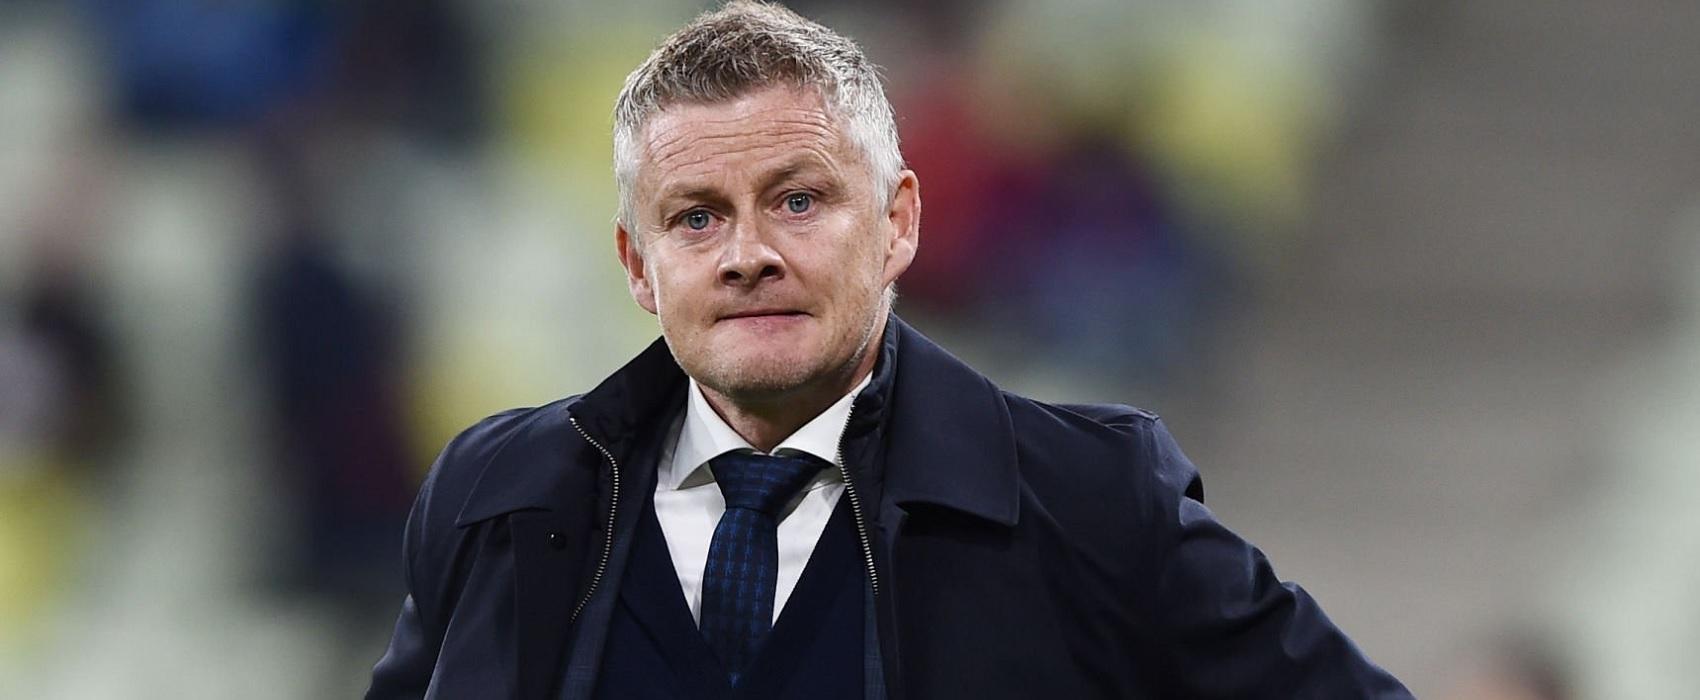 """""""The Times"""": Ole Gunnar Solskjaer otrzyma od Man Utd ofertę nowego kontraktu   ManUtd.pl - Serwis kibiców klubu Manchester United"""